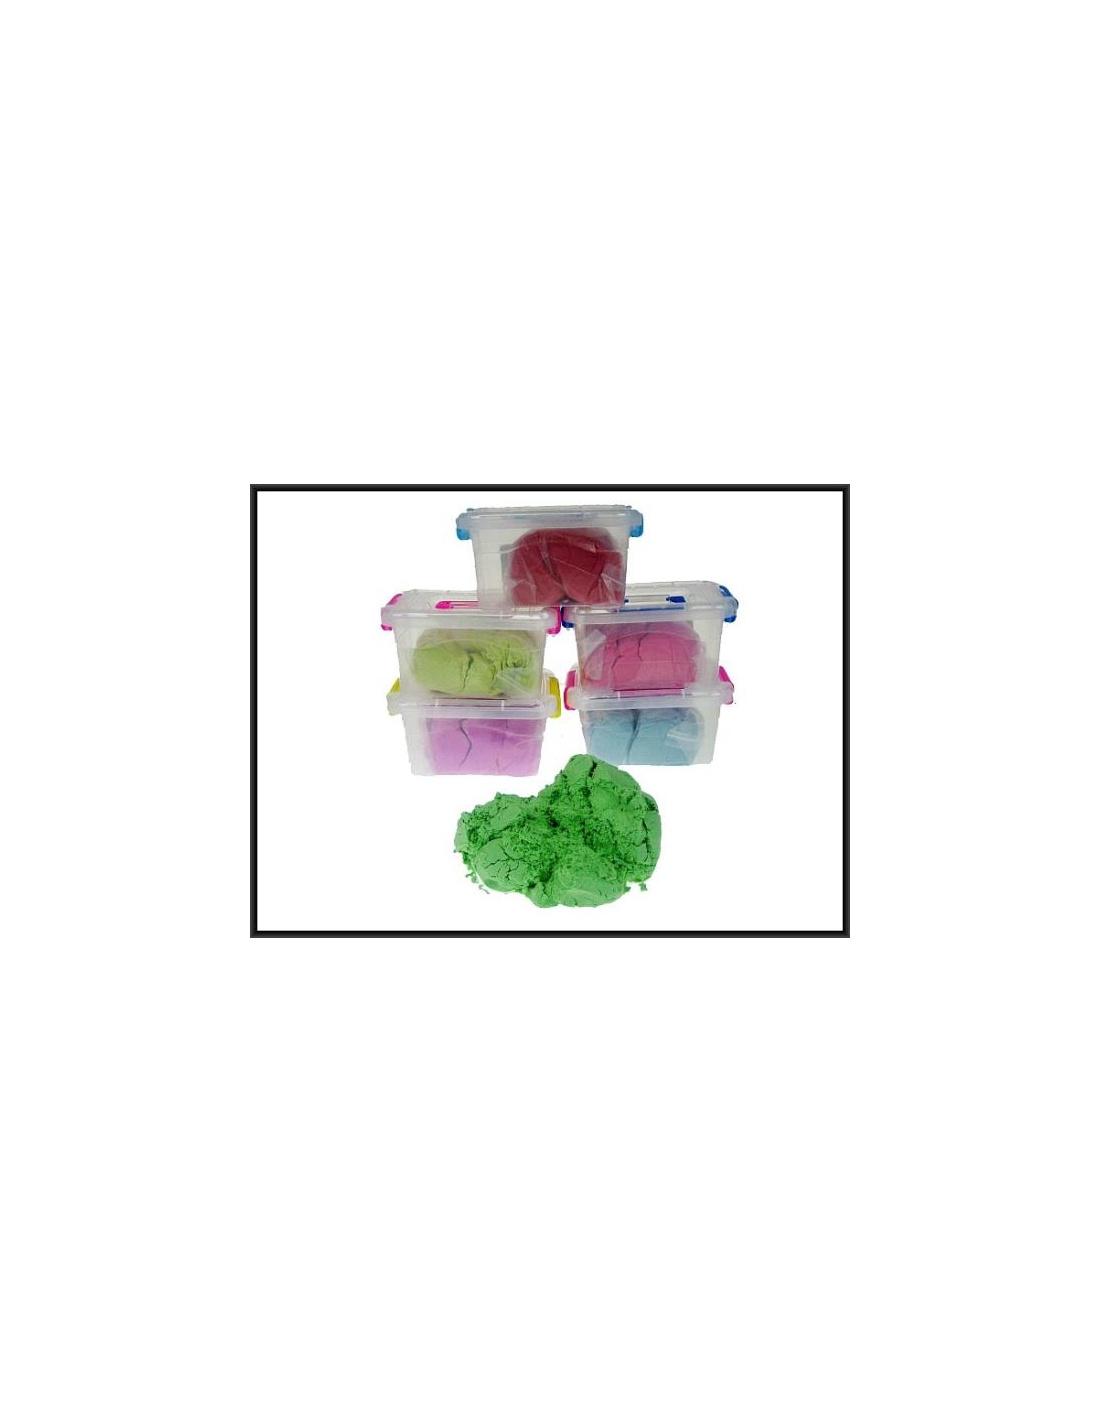 Cotton putty 1250 gram box